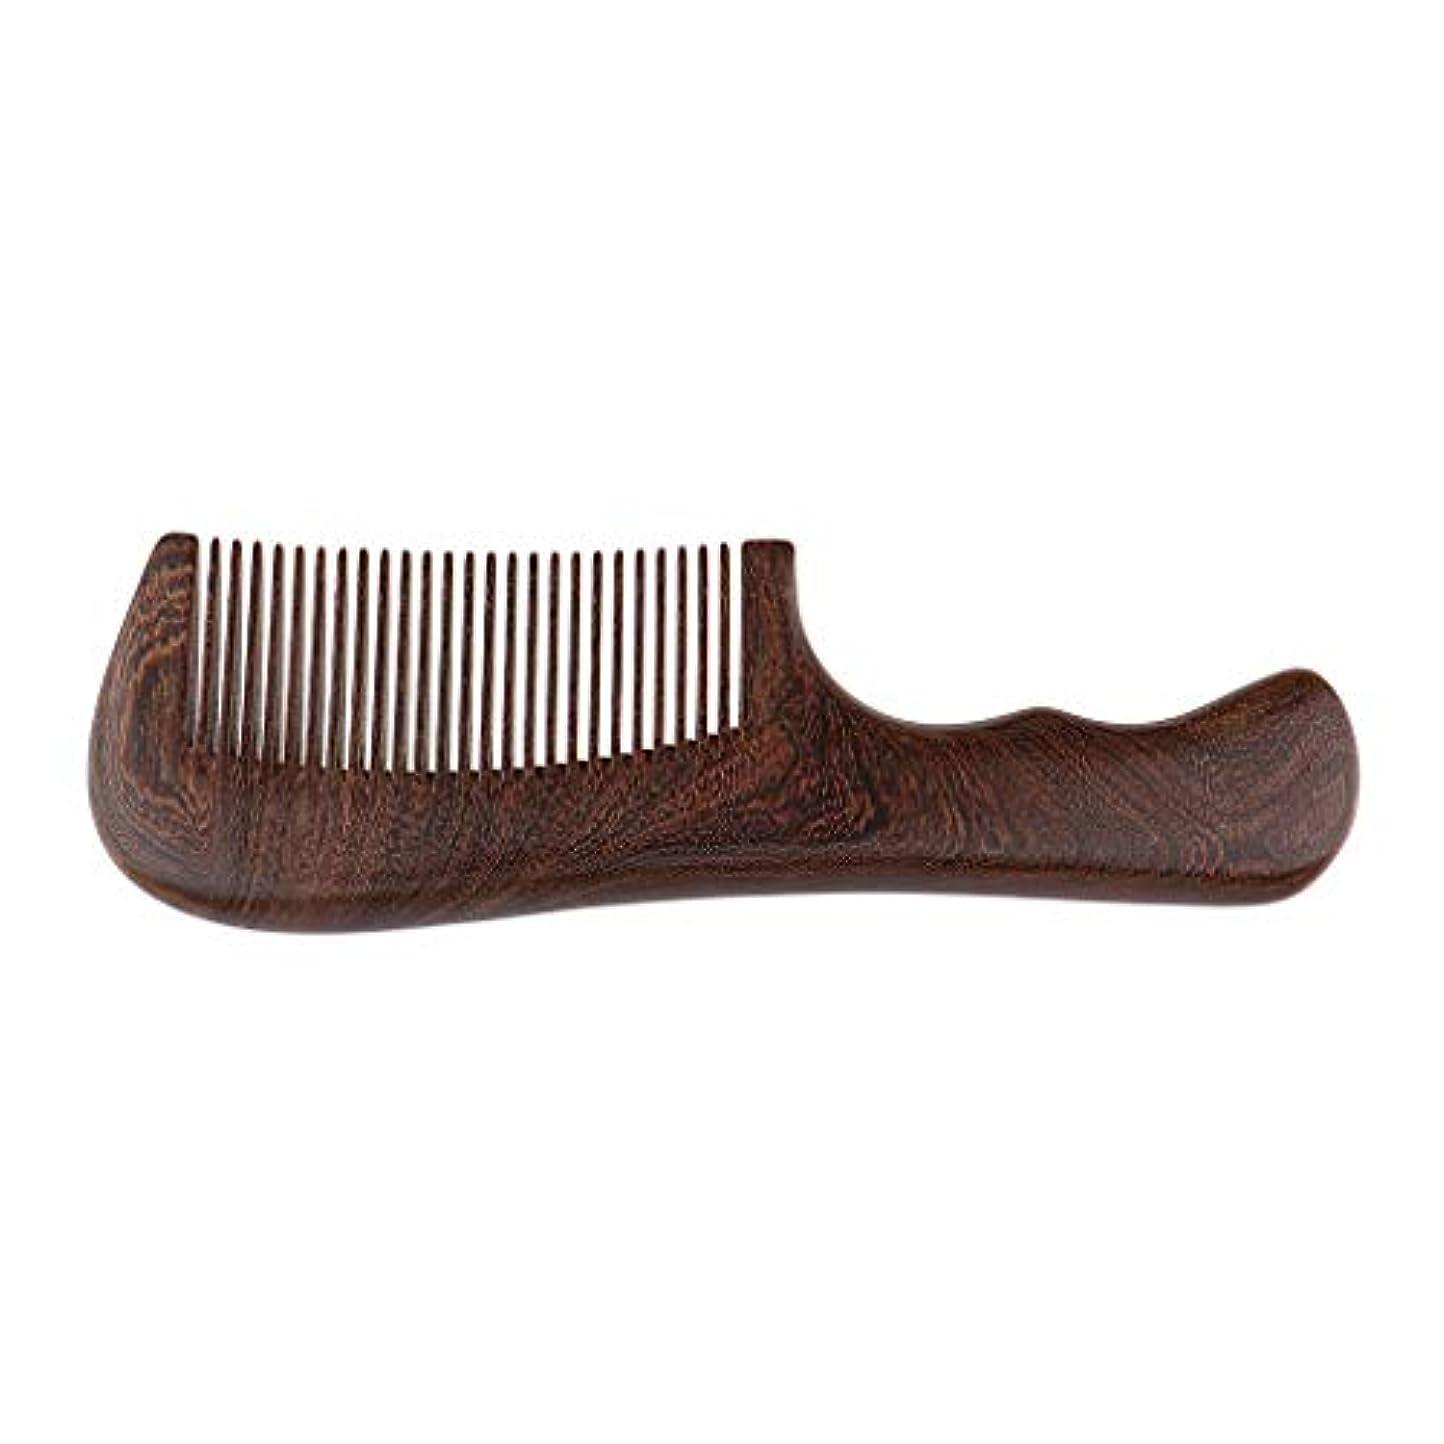 上回る宿命パネル帯電防止櫛 ウッドコーム 木製櫛 ハンドヘルドくし 頭皮マッサージ 2仕様選べ - 細かい歯